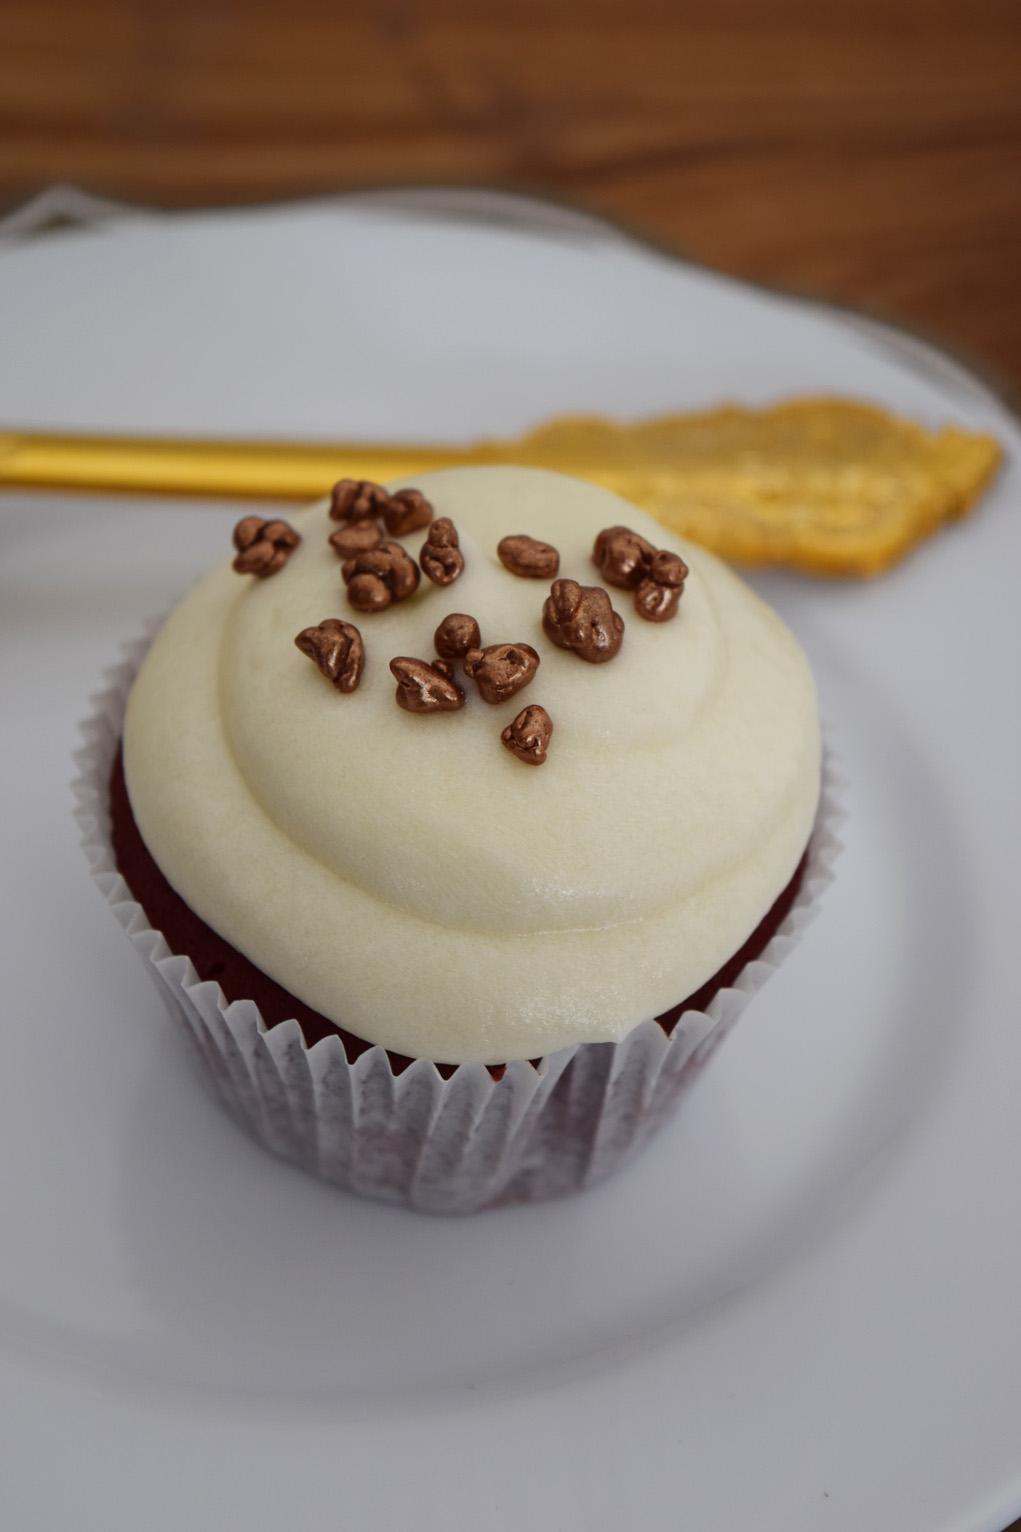 red-velvet-cake-dsc_0110